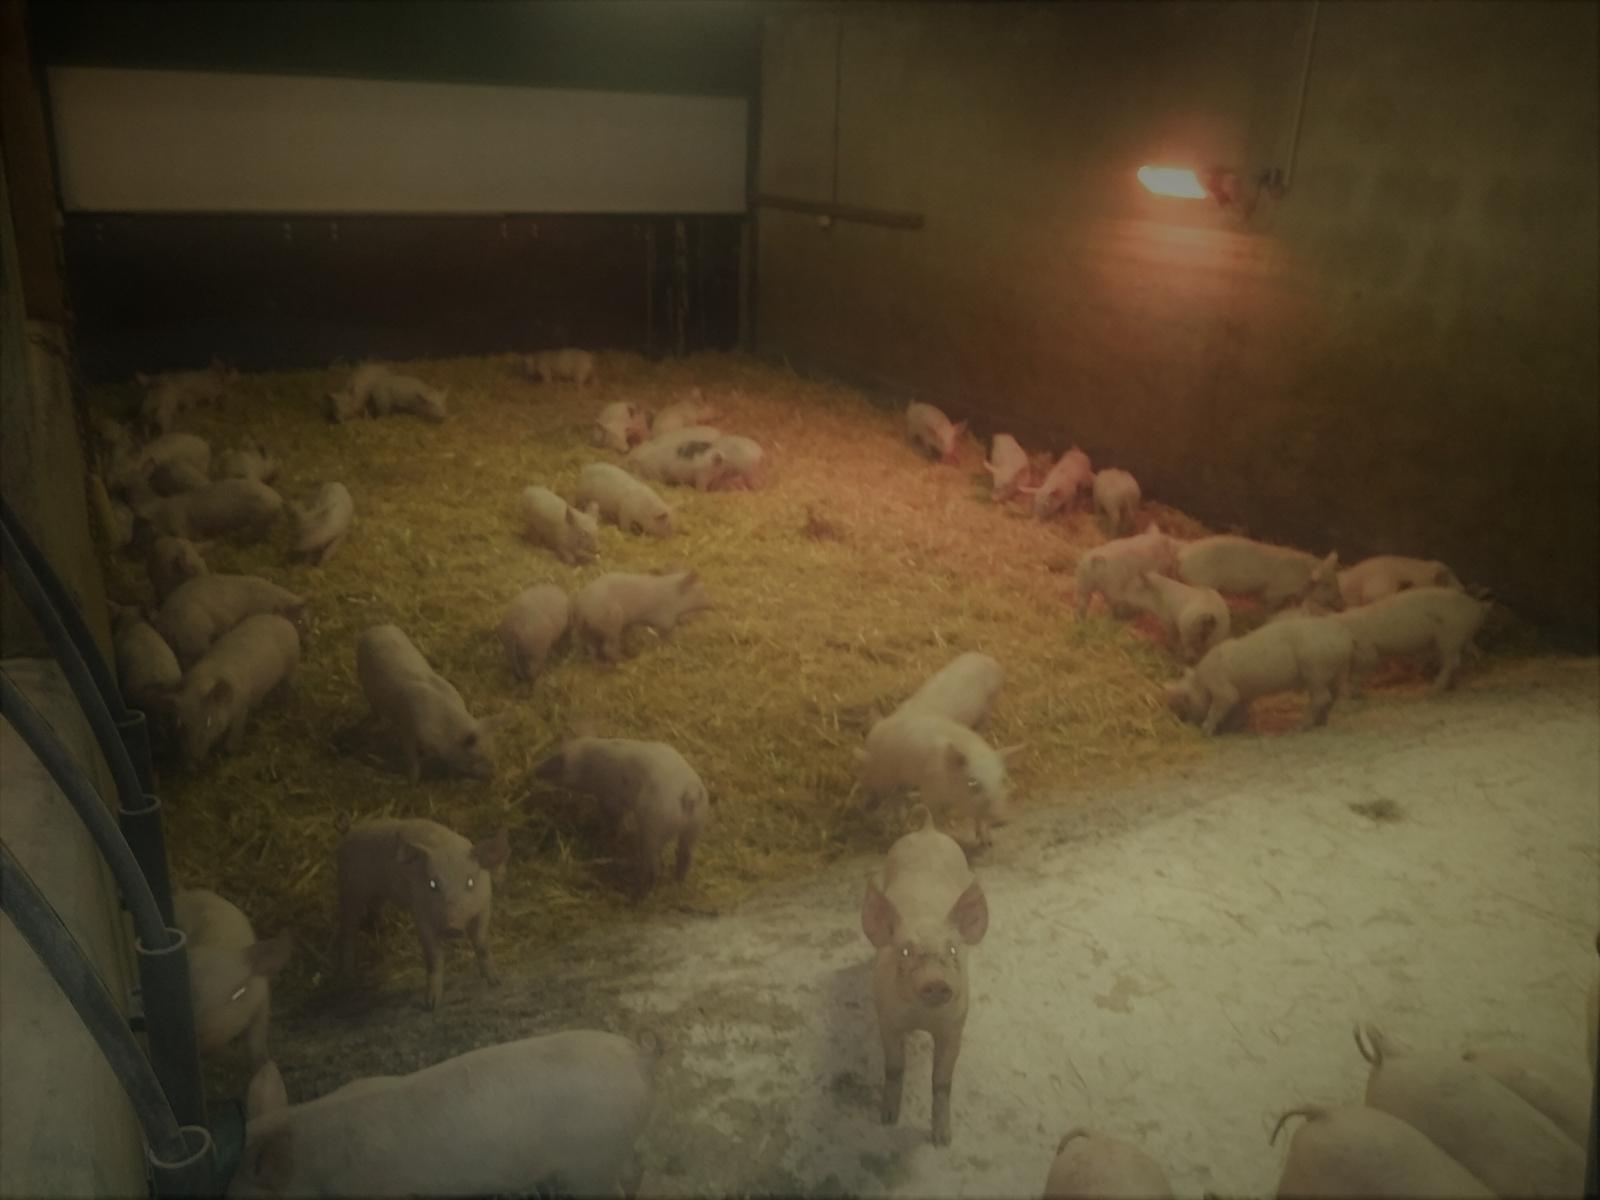 La Corbiniere Vente De Porc Mayenne Img 13